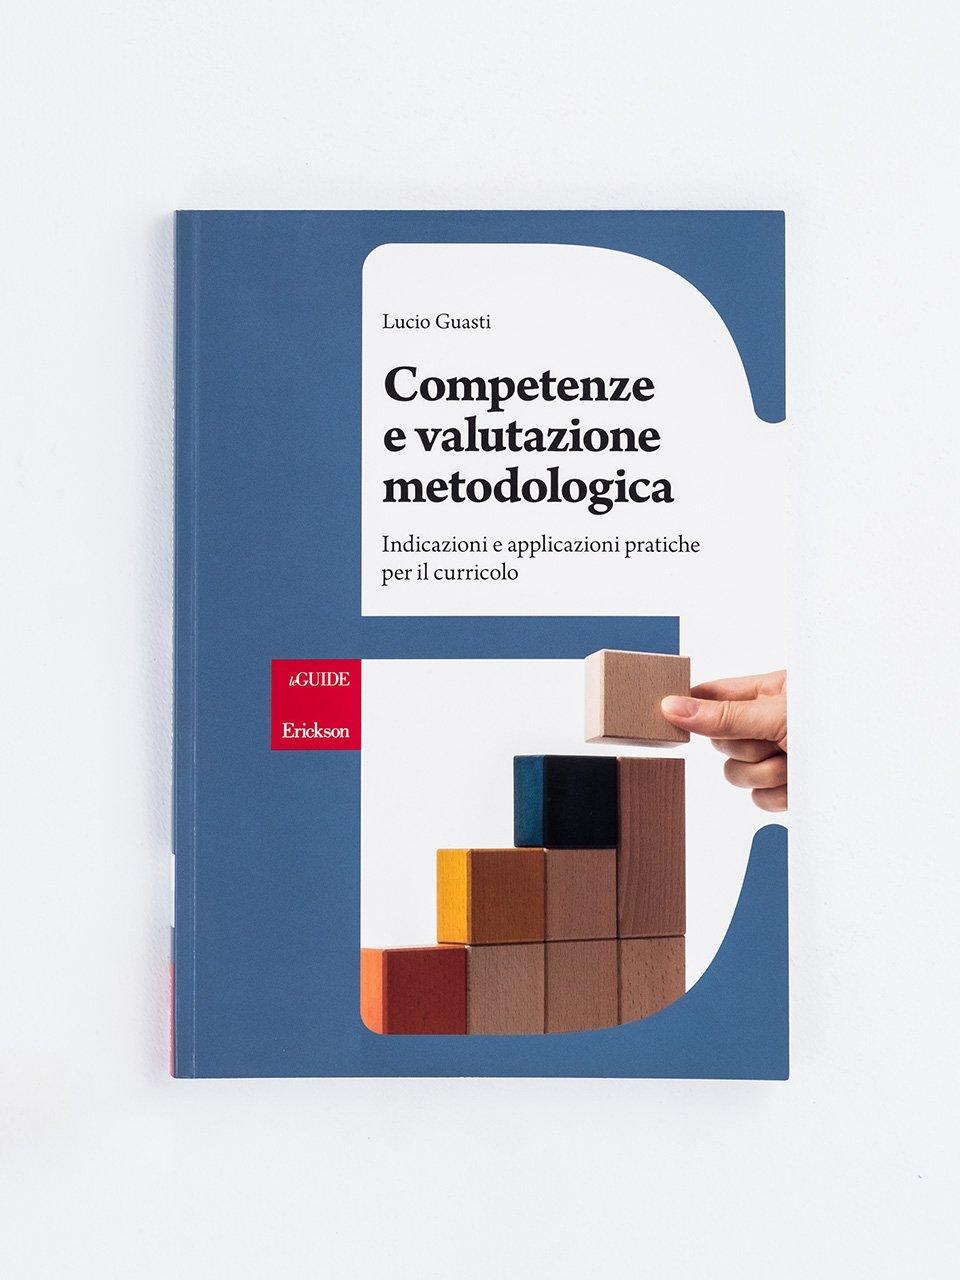 Competenze e valutazione metodologica - La competenza digitale nella scuola - Libri - Erickson